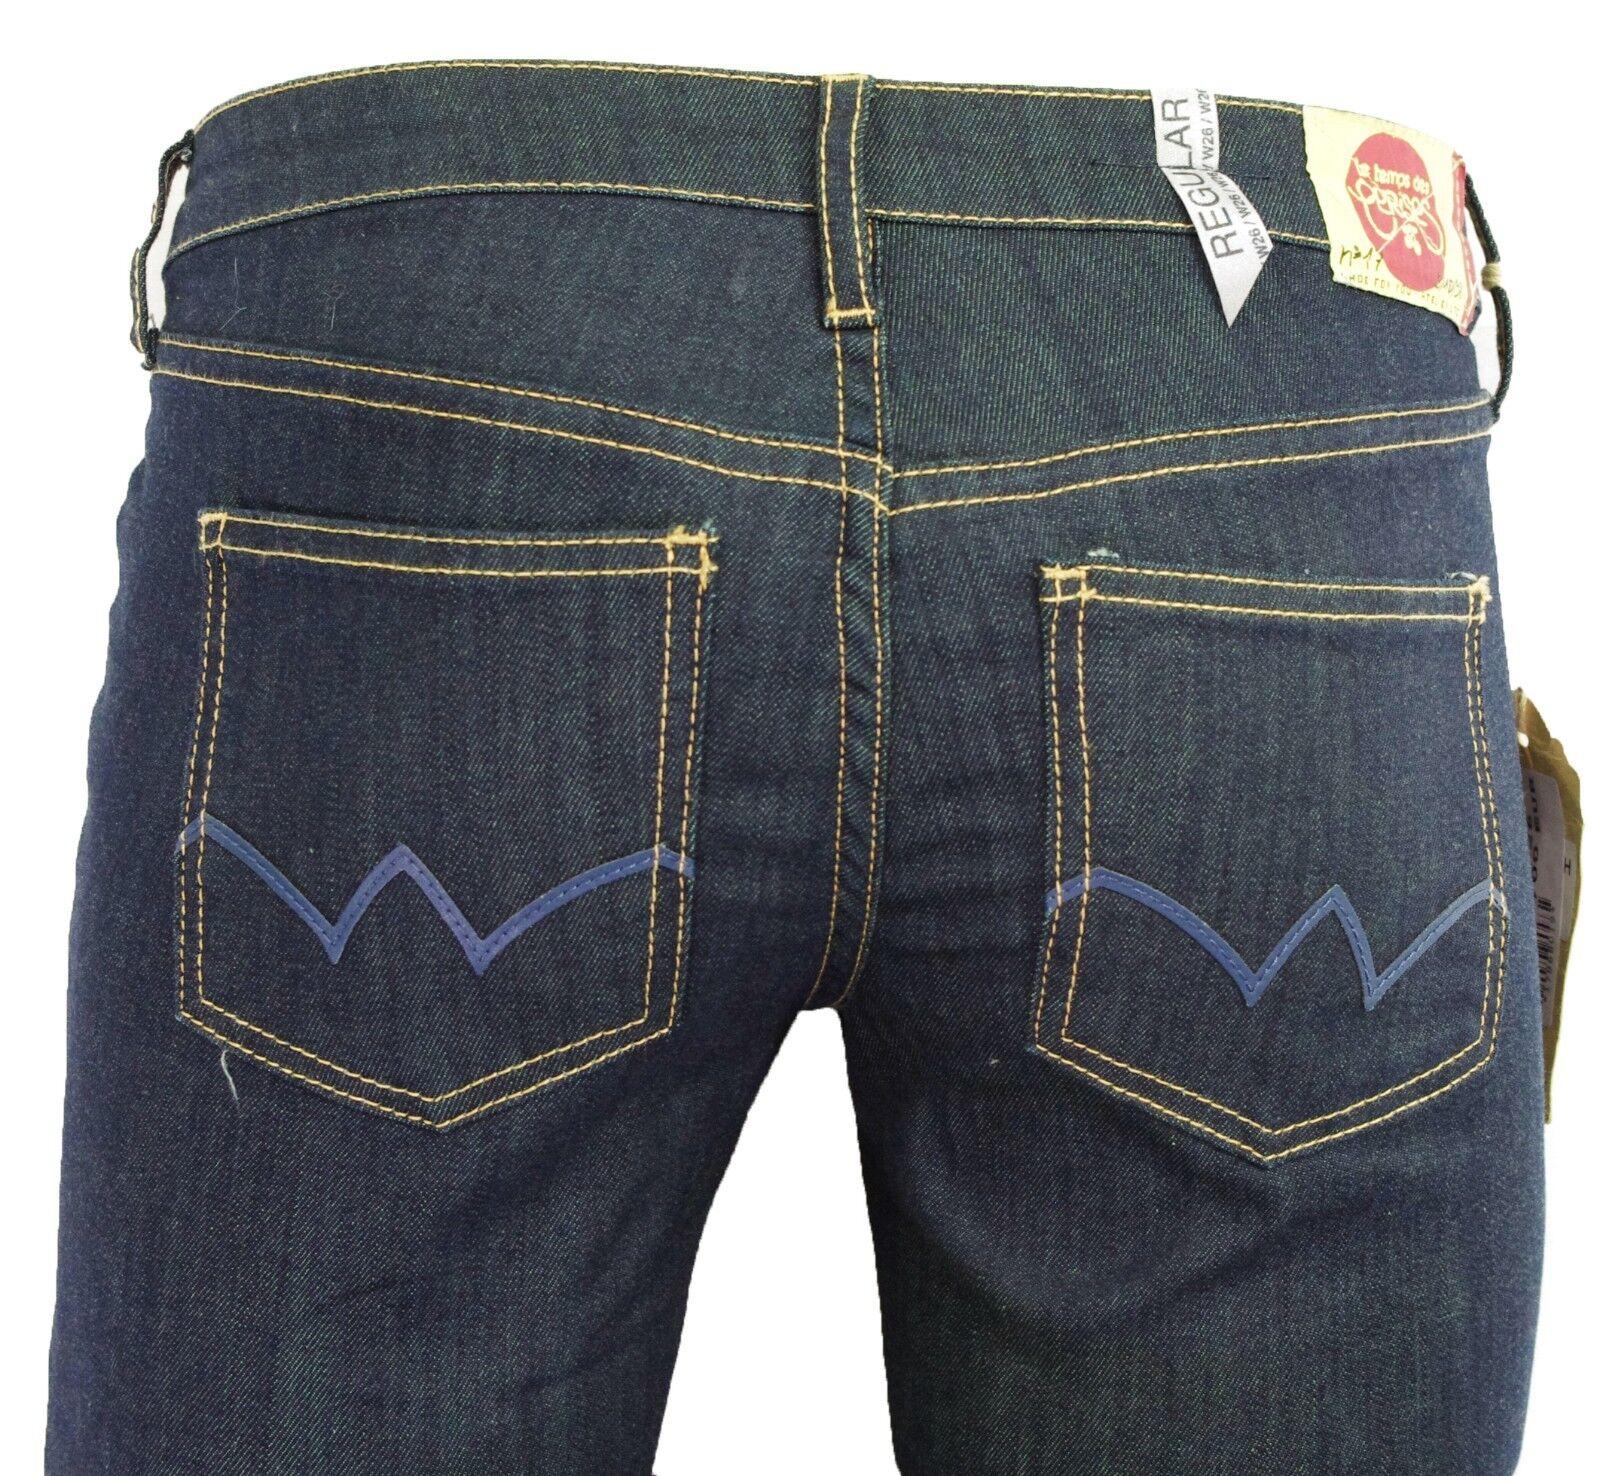 Jeans LE TEMPS DES CERISES droit 302 REGULAR foncé Donna  JF302 Sioux Dimensione W 24